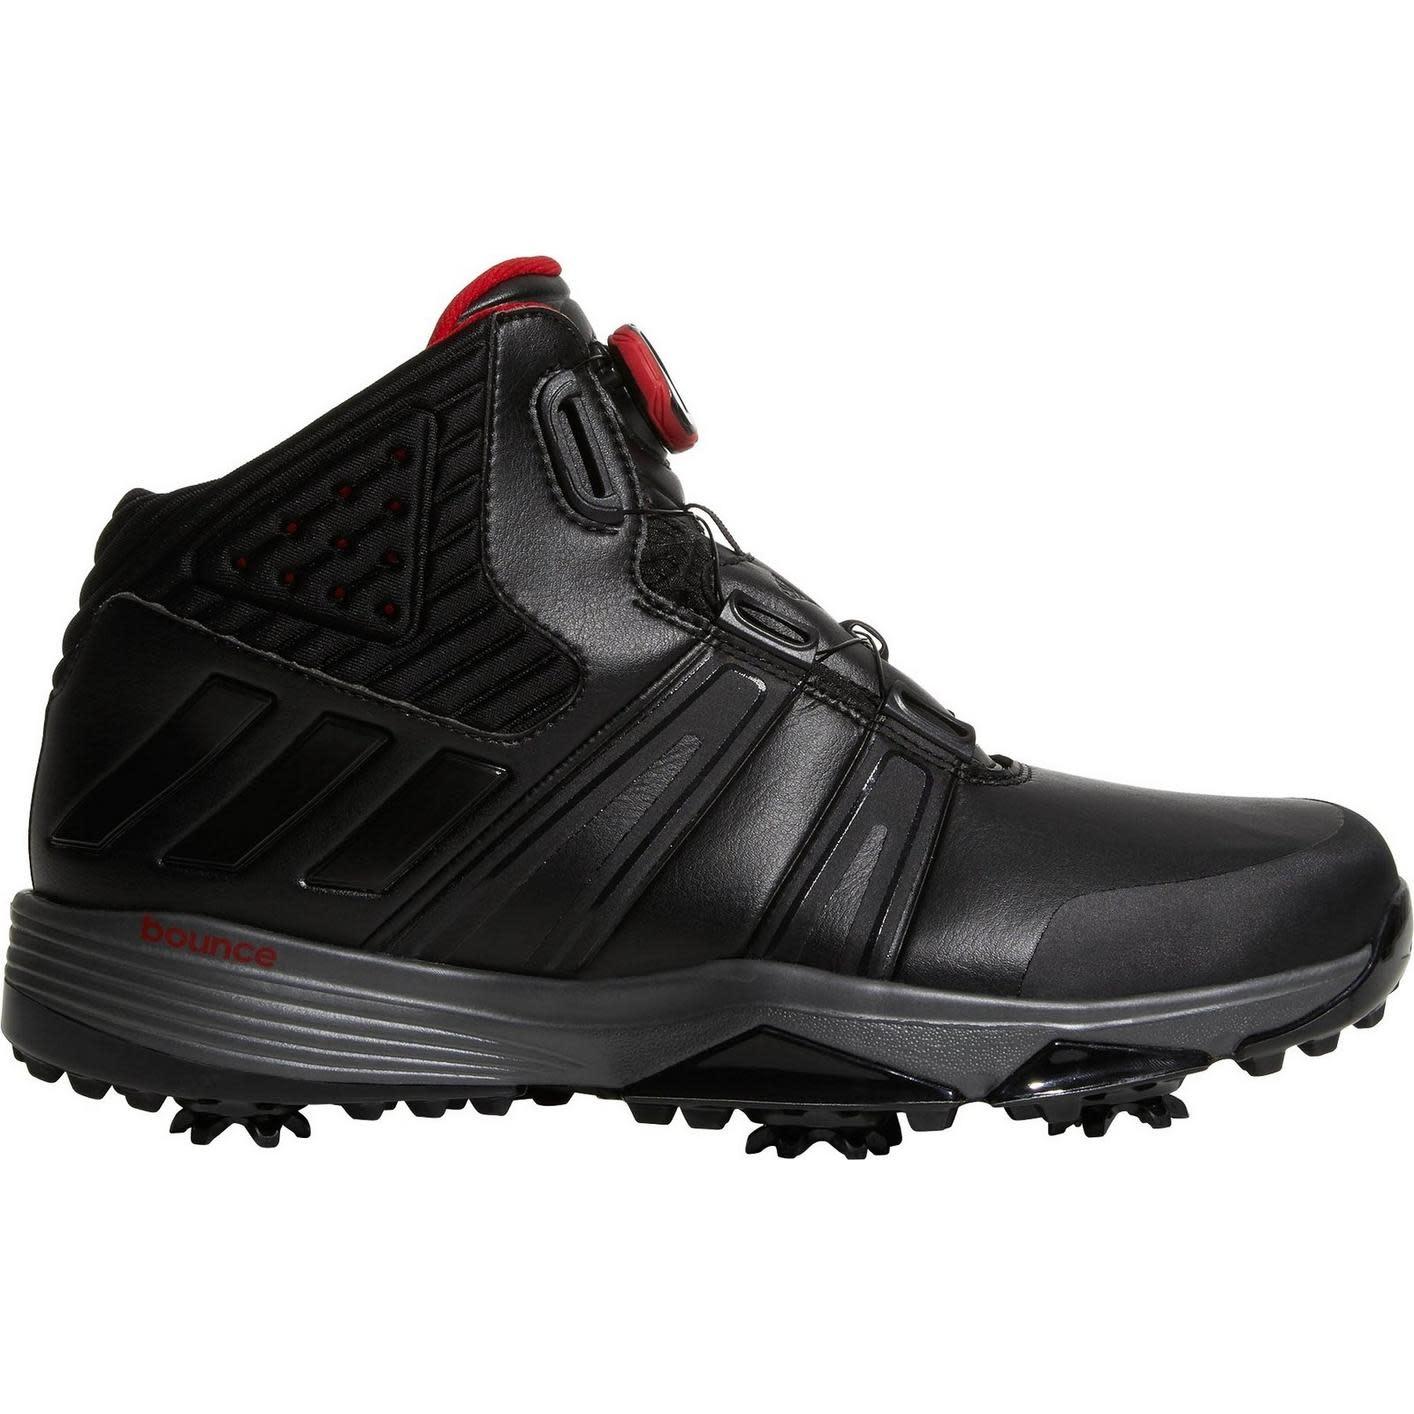 Adidas Climaproof BOA